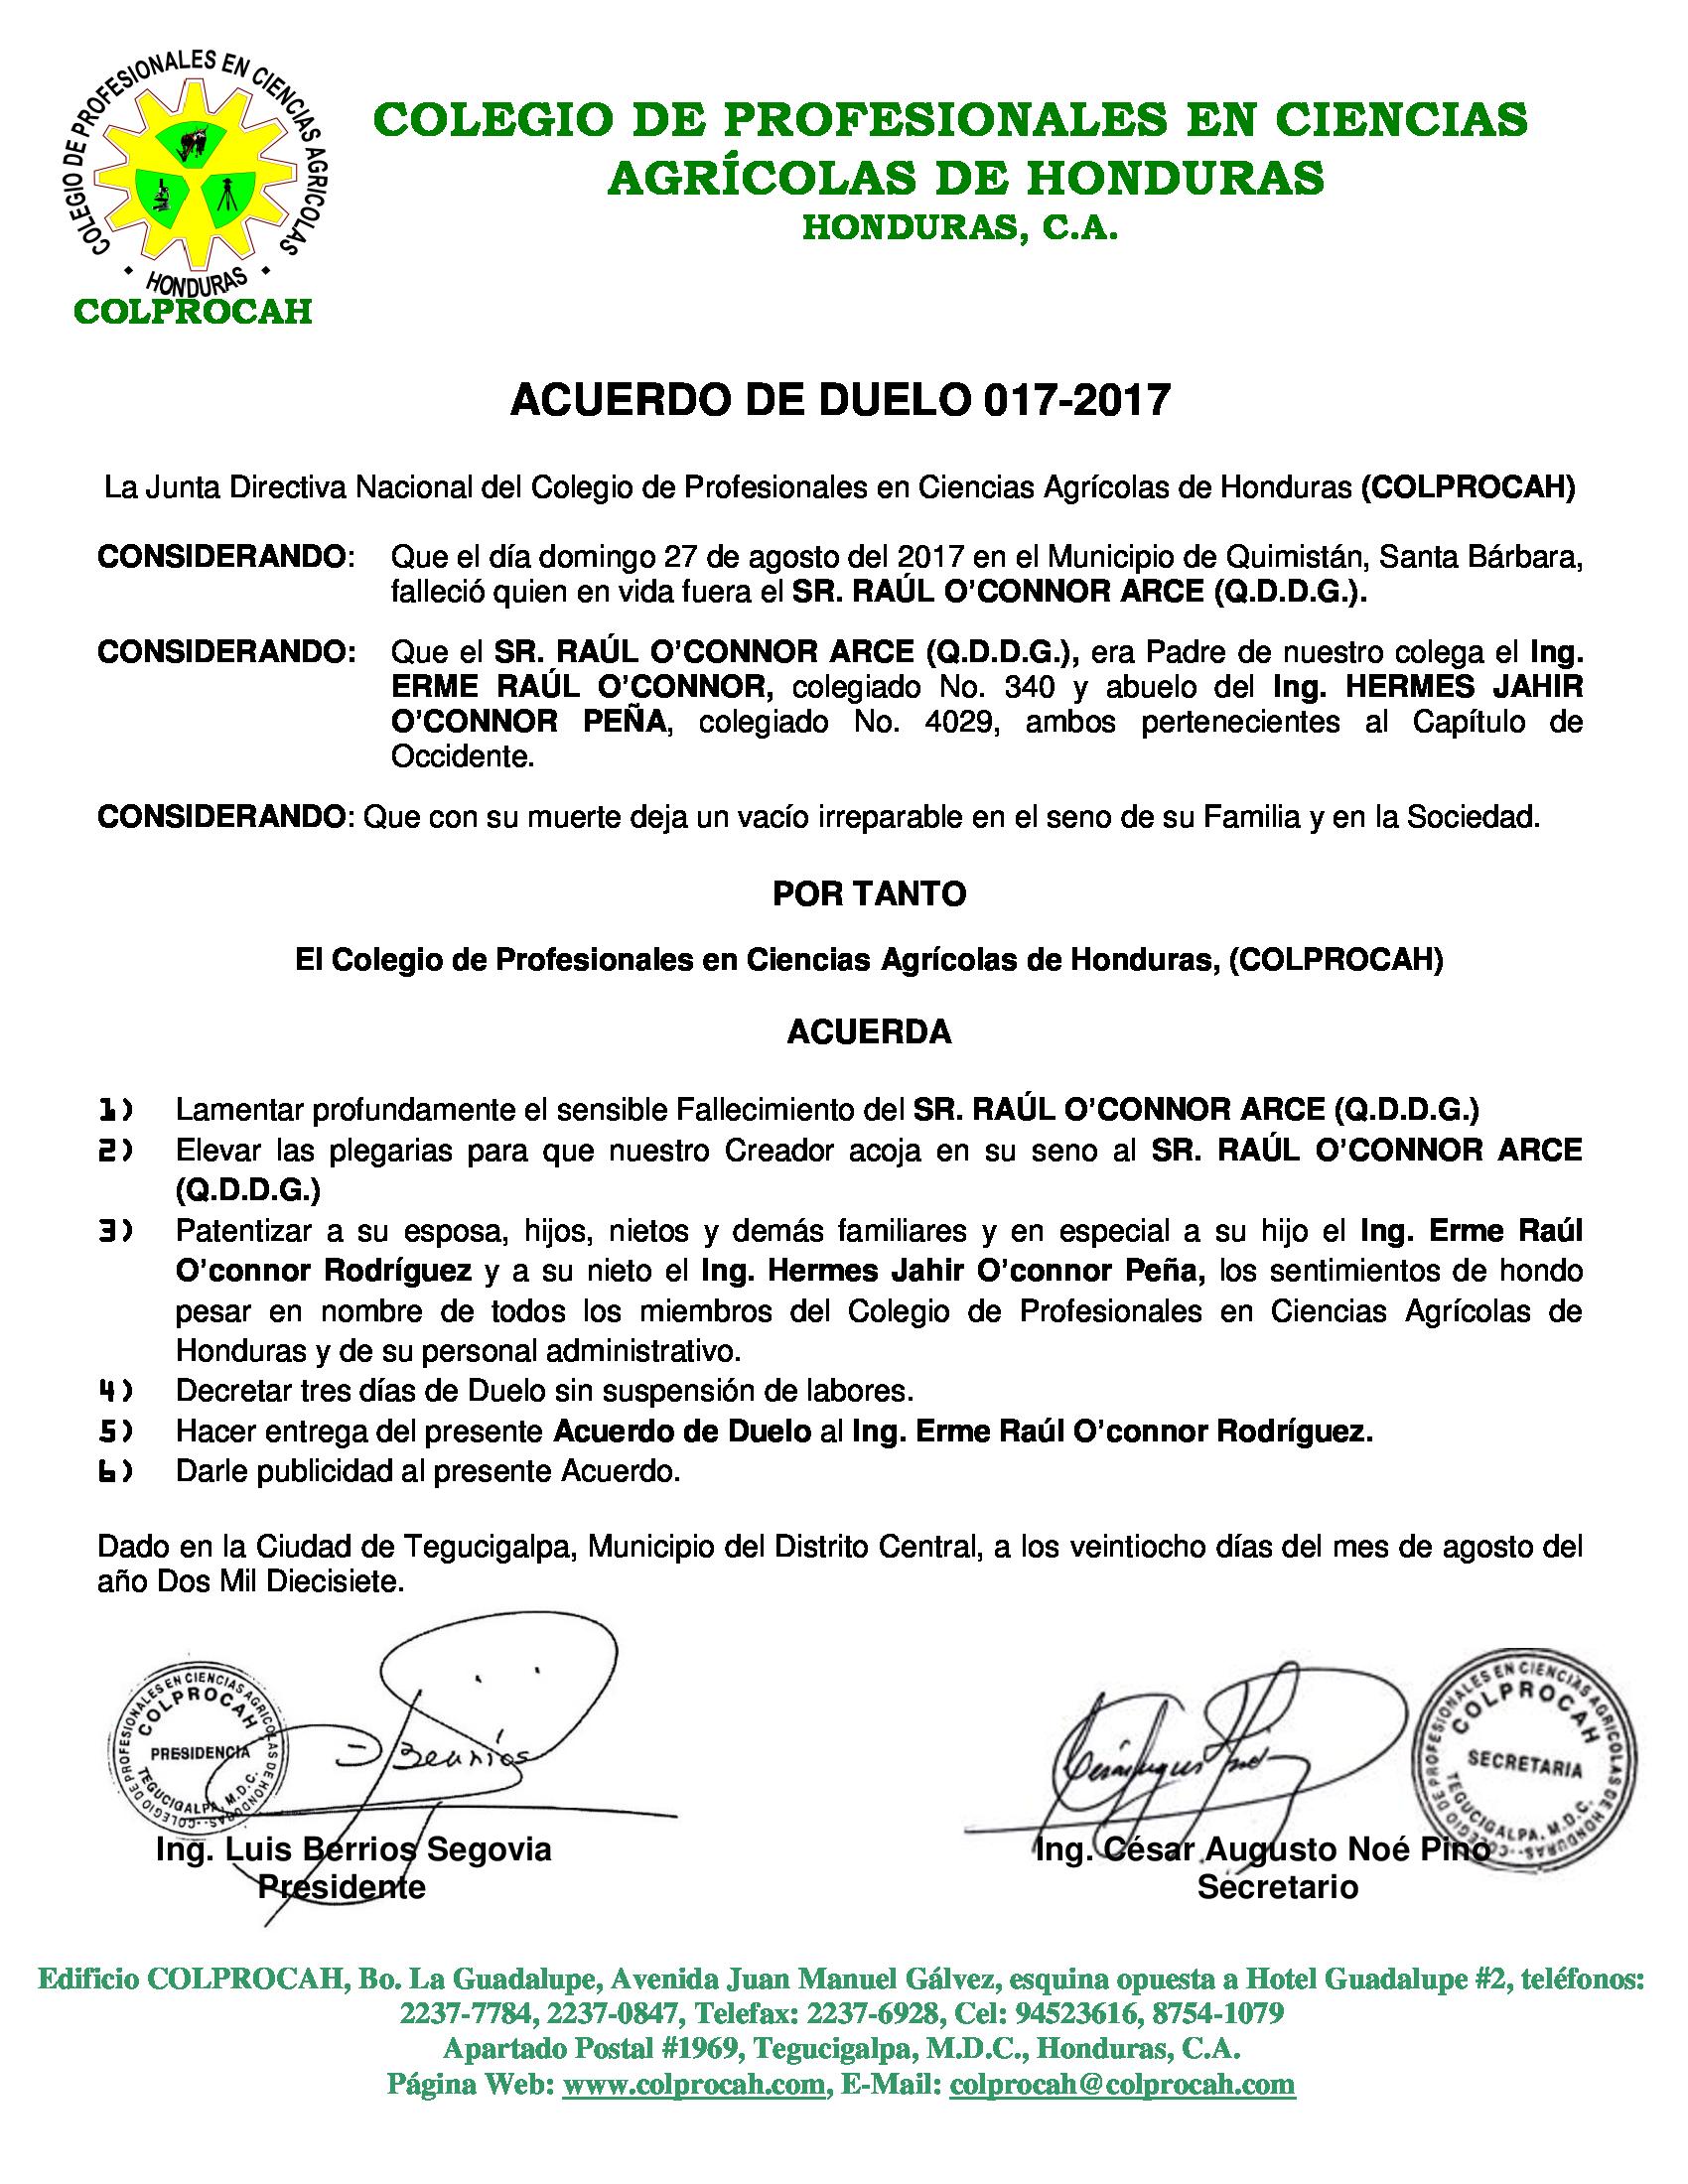 Acuerdo de Duelo 017 SR. RAUL O`CONNOR ARCE (PADRE ERME O'CONNOR)